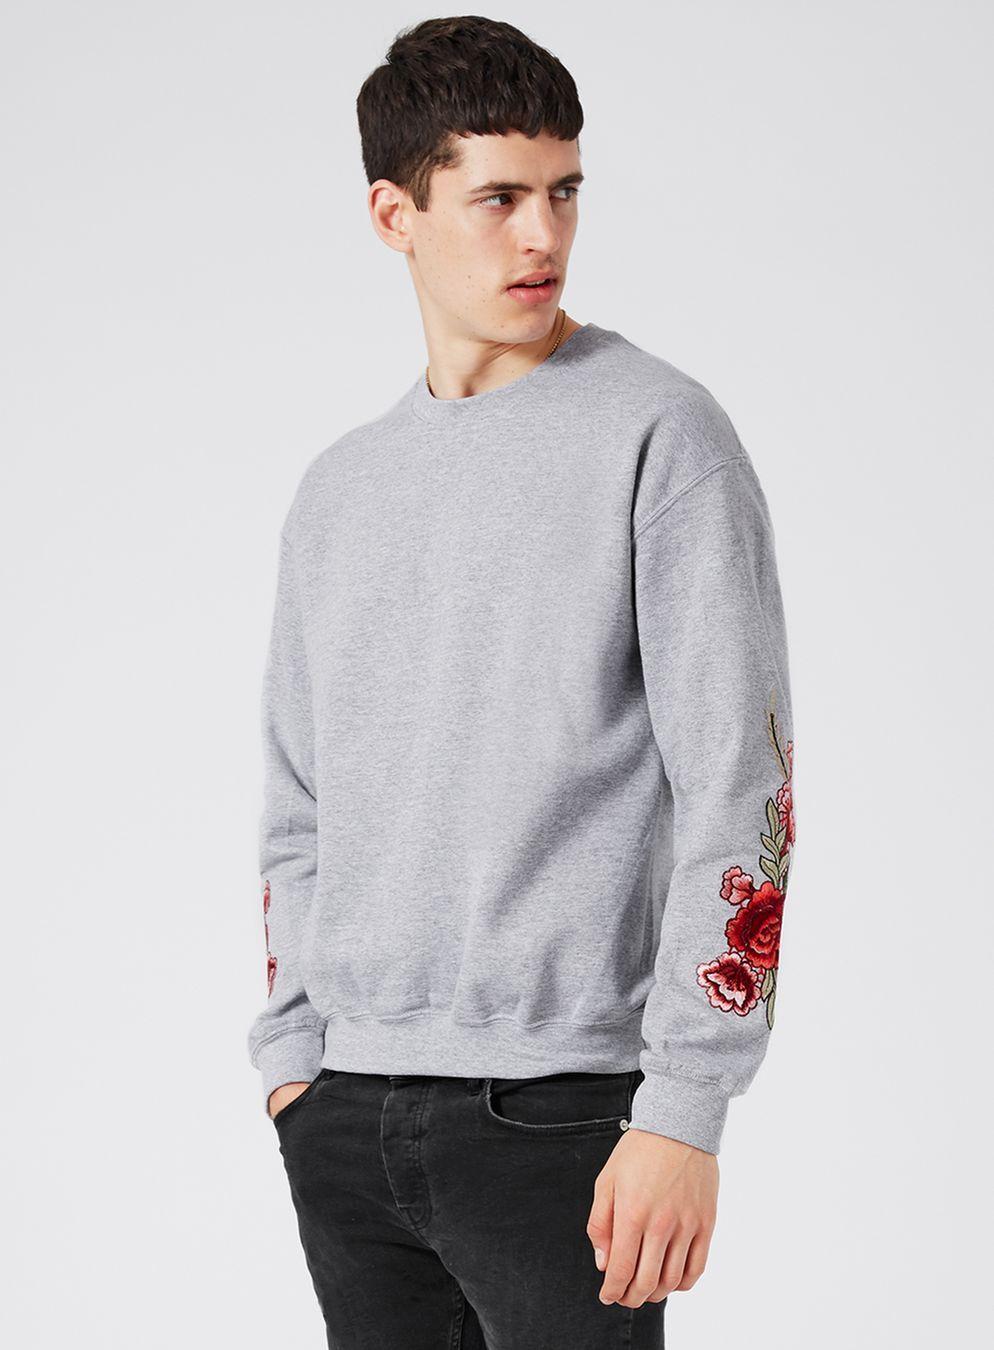 Grey Rose Embroidered Sweatshirt Men S Hoodies Sweatshirts Clothing Topman Rose Embroidered Sweatshirt Mens Sweatshirts Hoodie Long Sleeve Tshirt Men [ 1350 x 994 Pixel ]